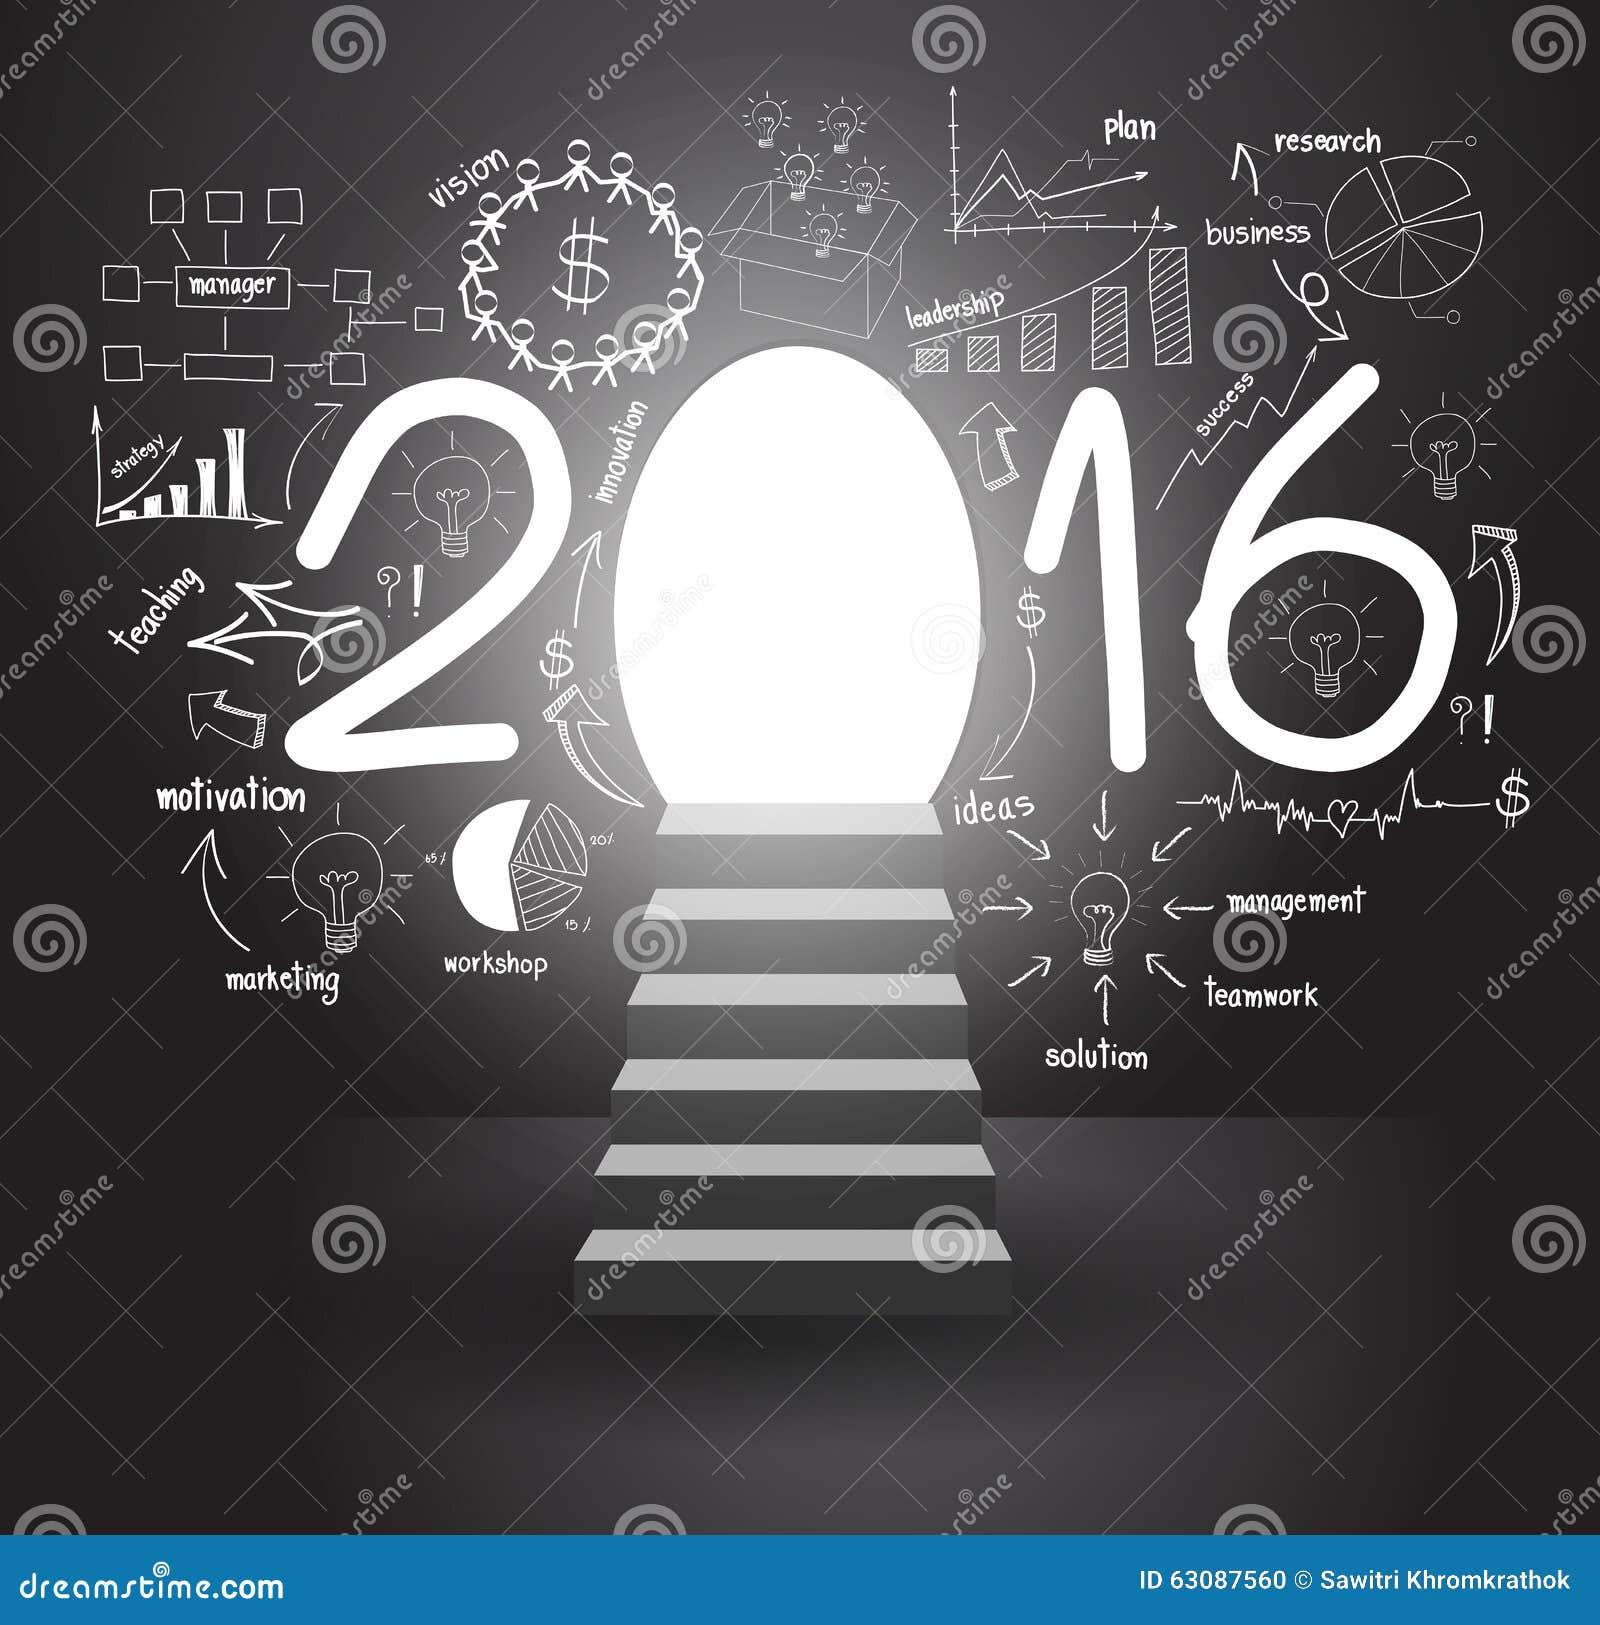 Vector GeschäftserfolgStrategie planwith Treppe 2016, die aufwärts geht